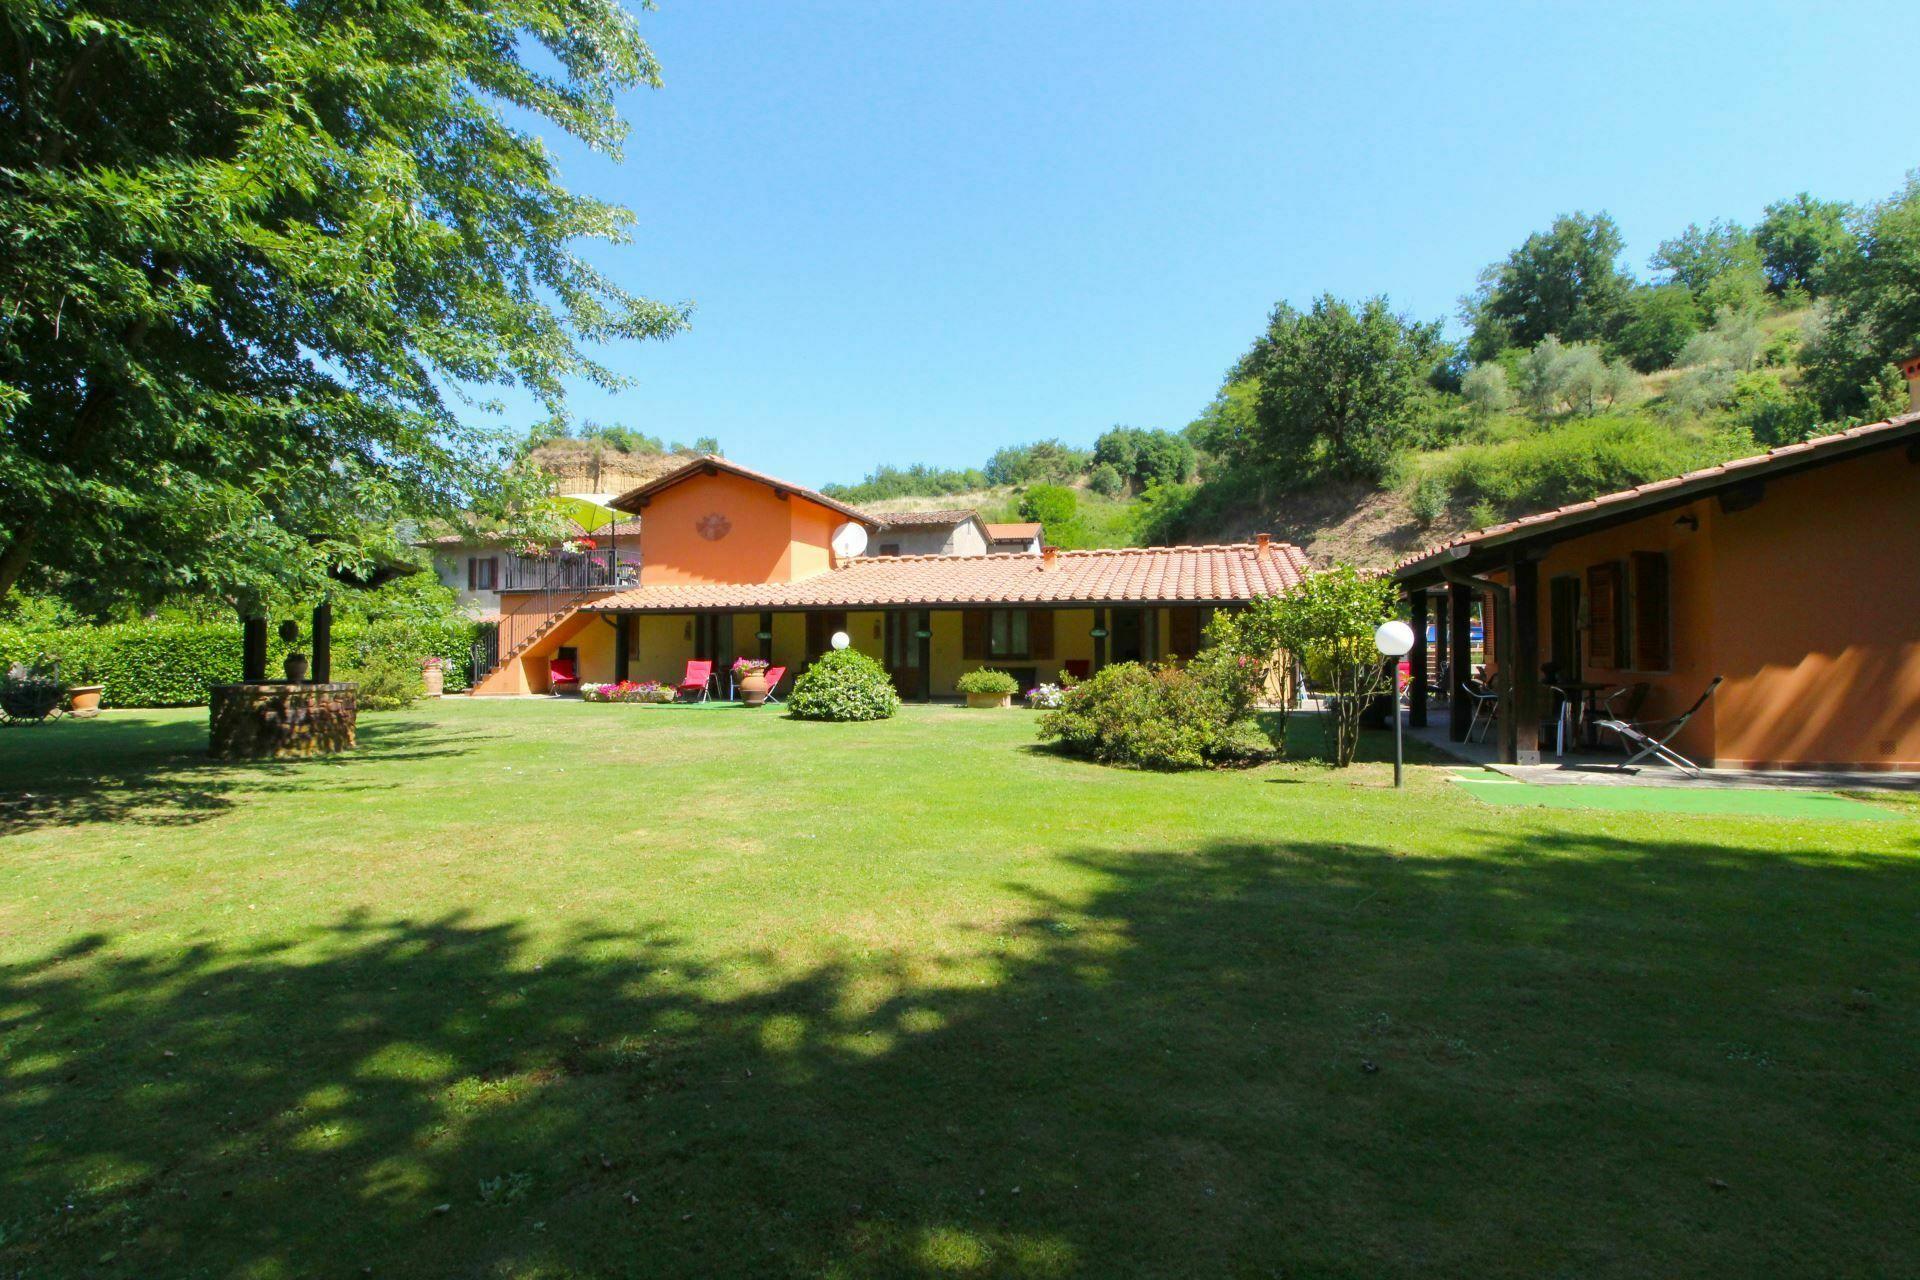 Le balze casa vacanze con 14 posti letto in 4 camere for Branson cabin rentals 4 camere da letto